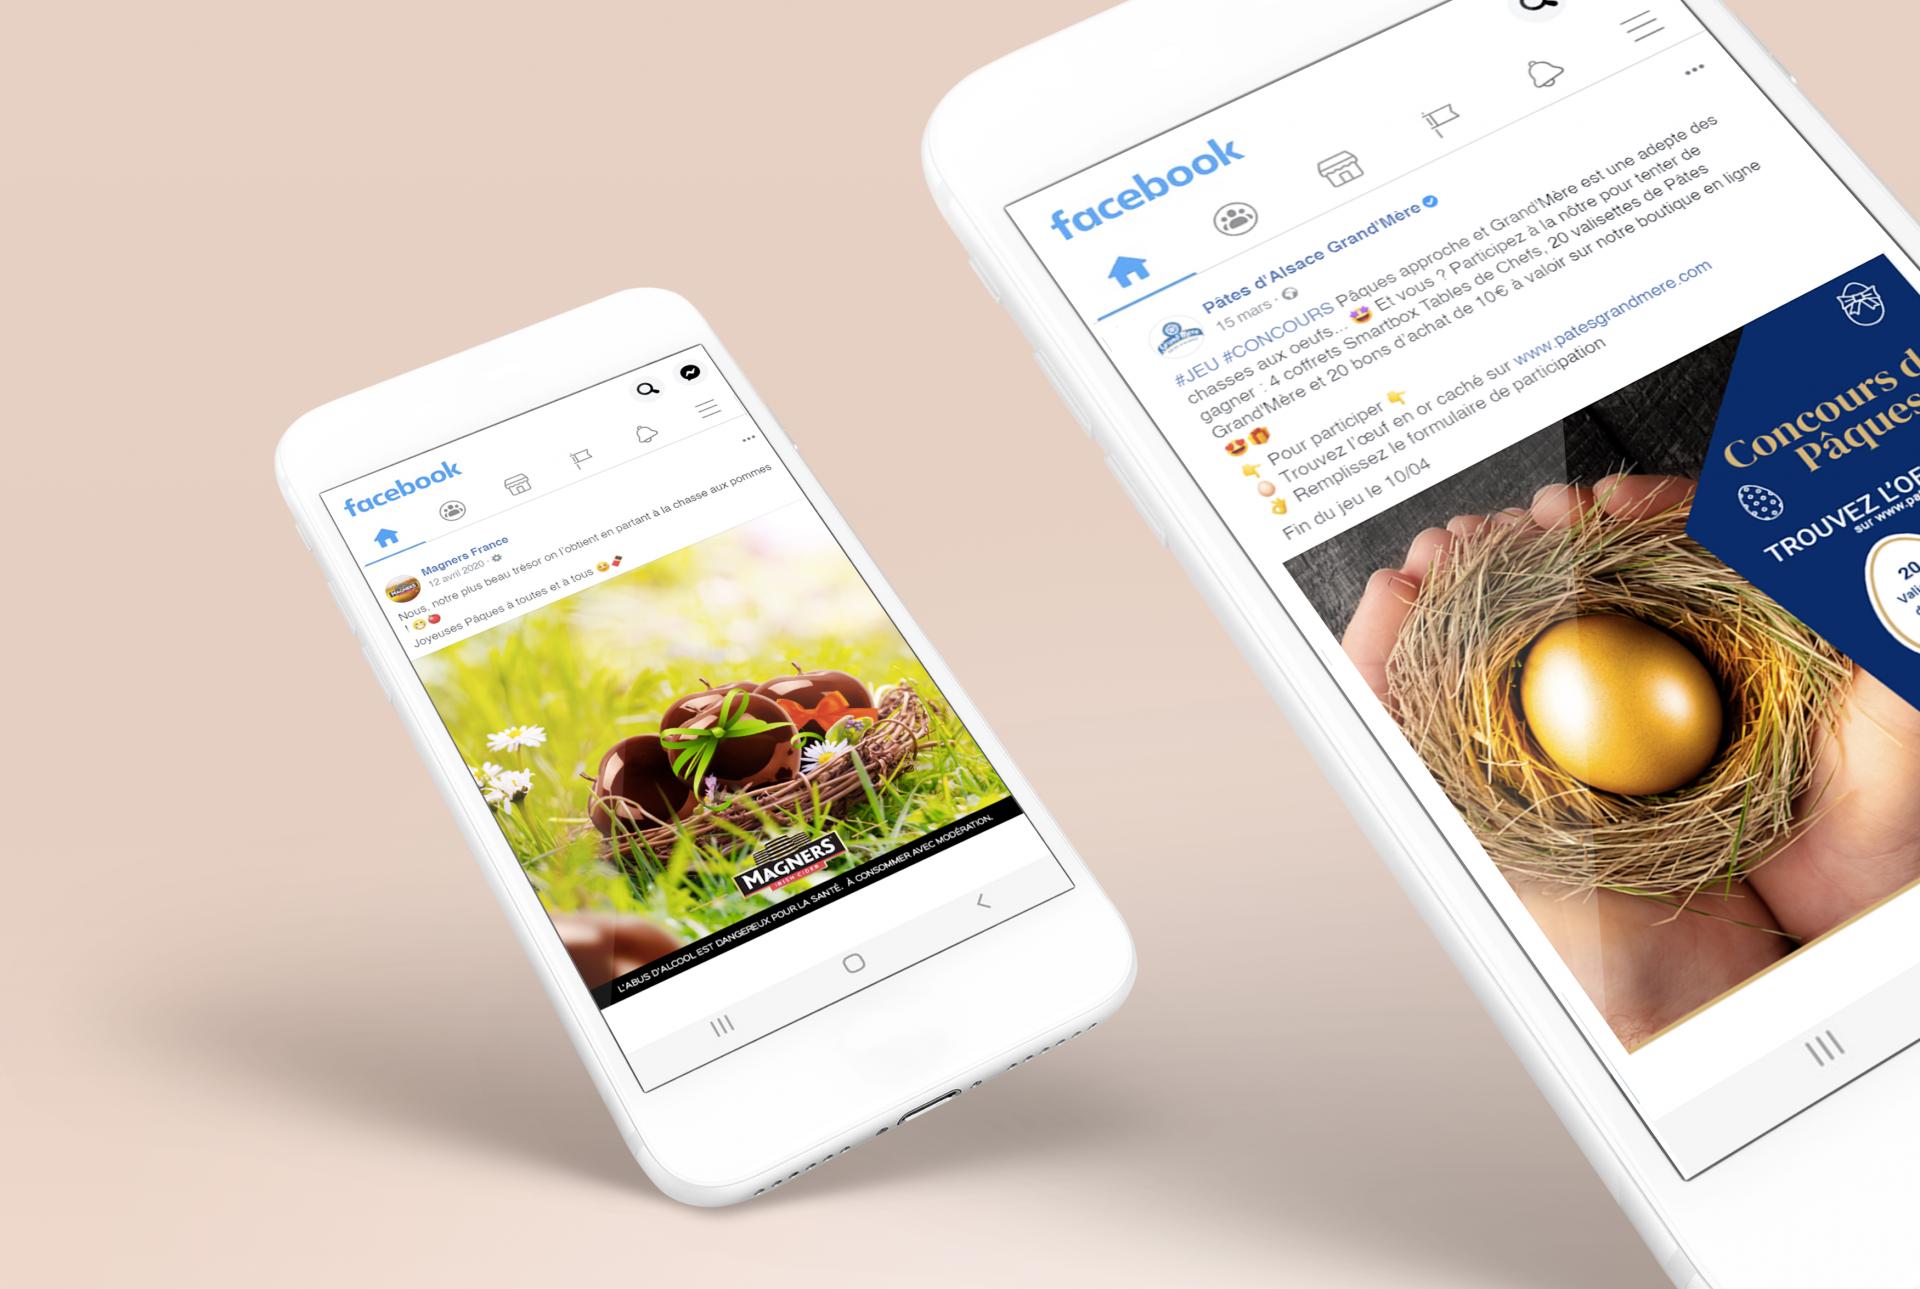 2 téléphones montrant des publications de marques sur Facebook à l'occasion des fêtes de Pâques